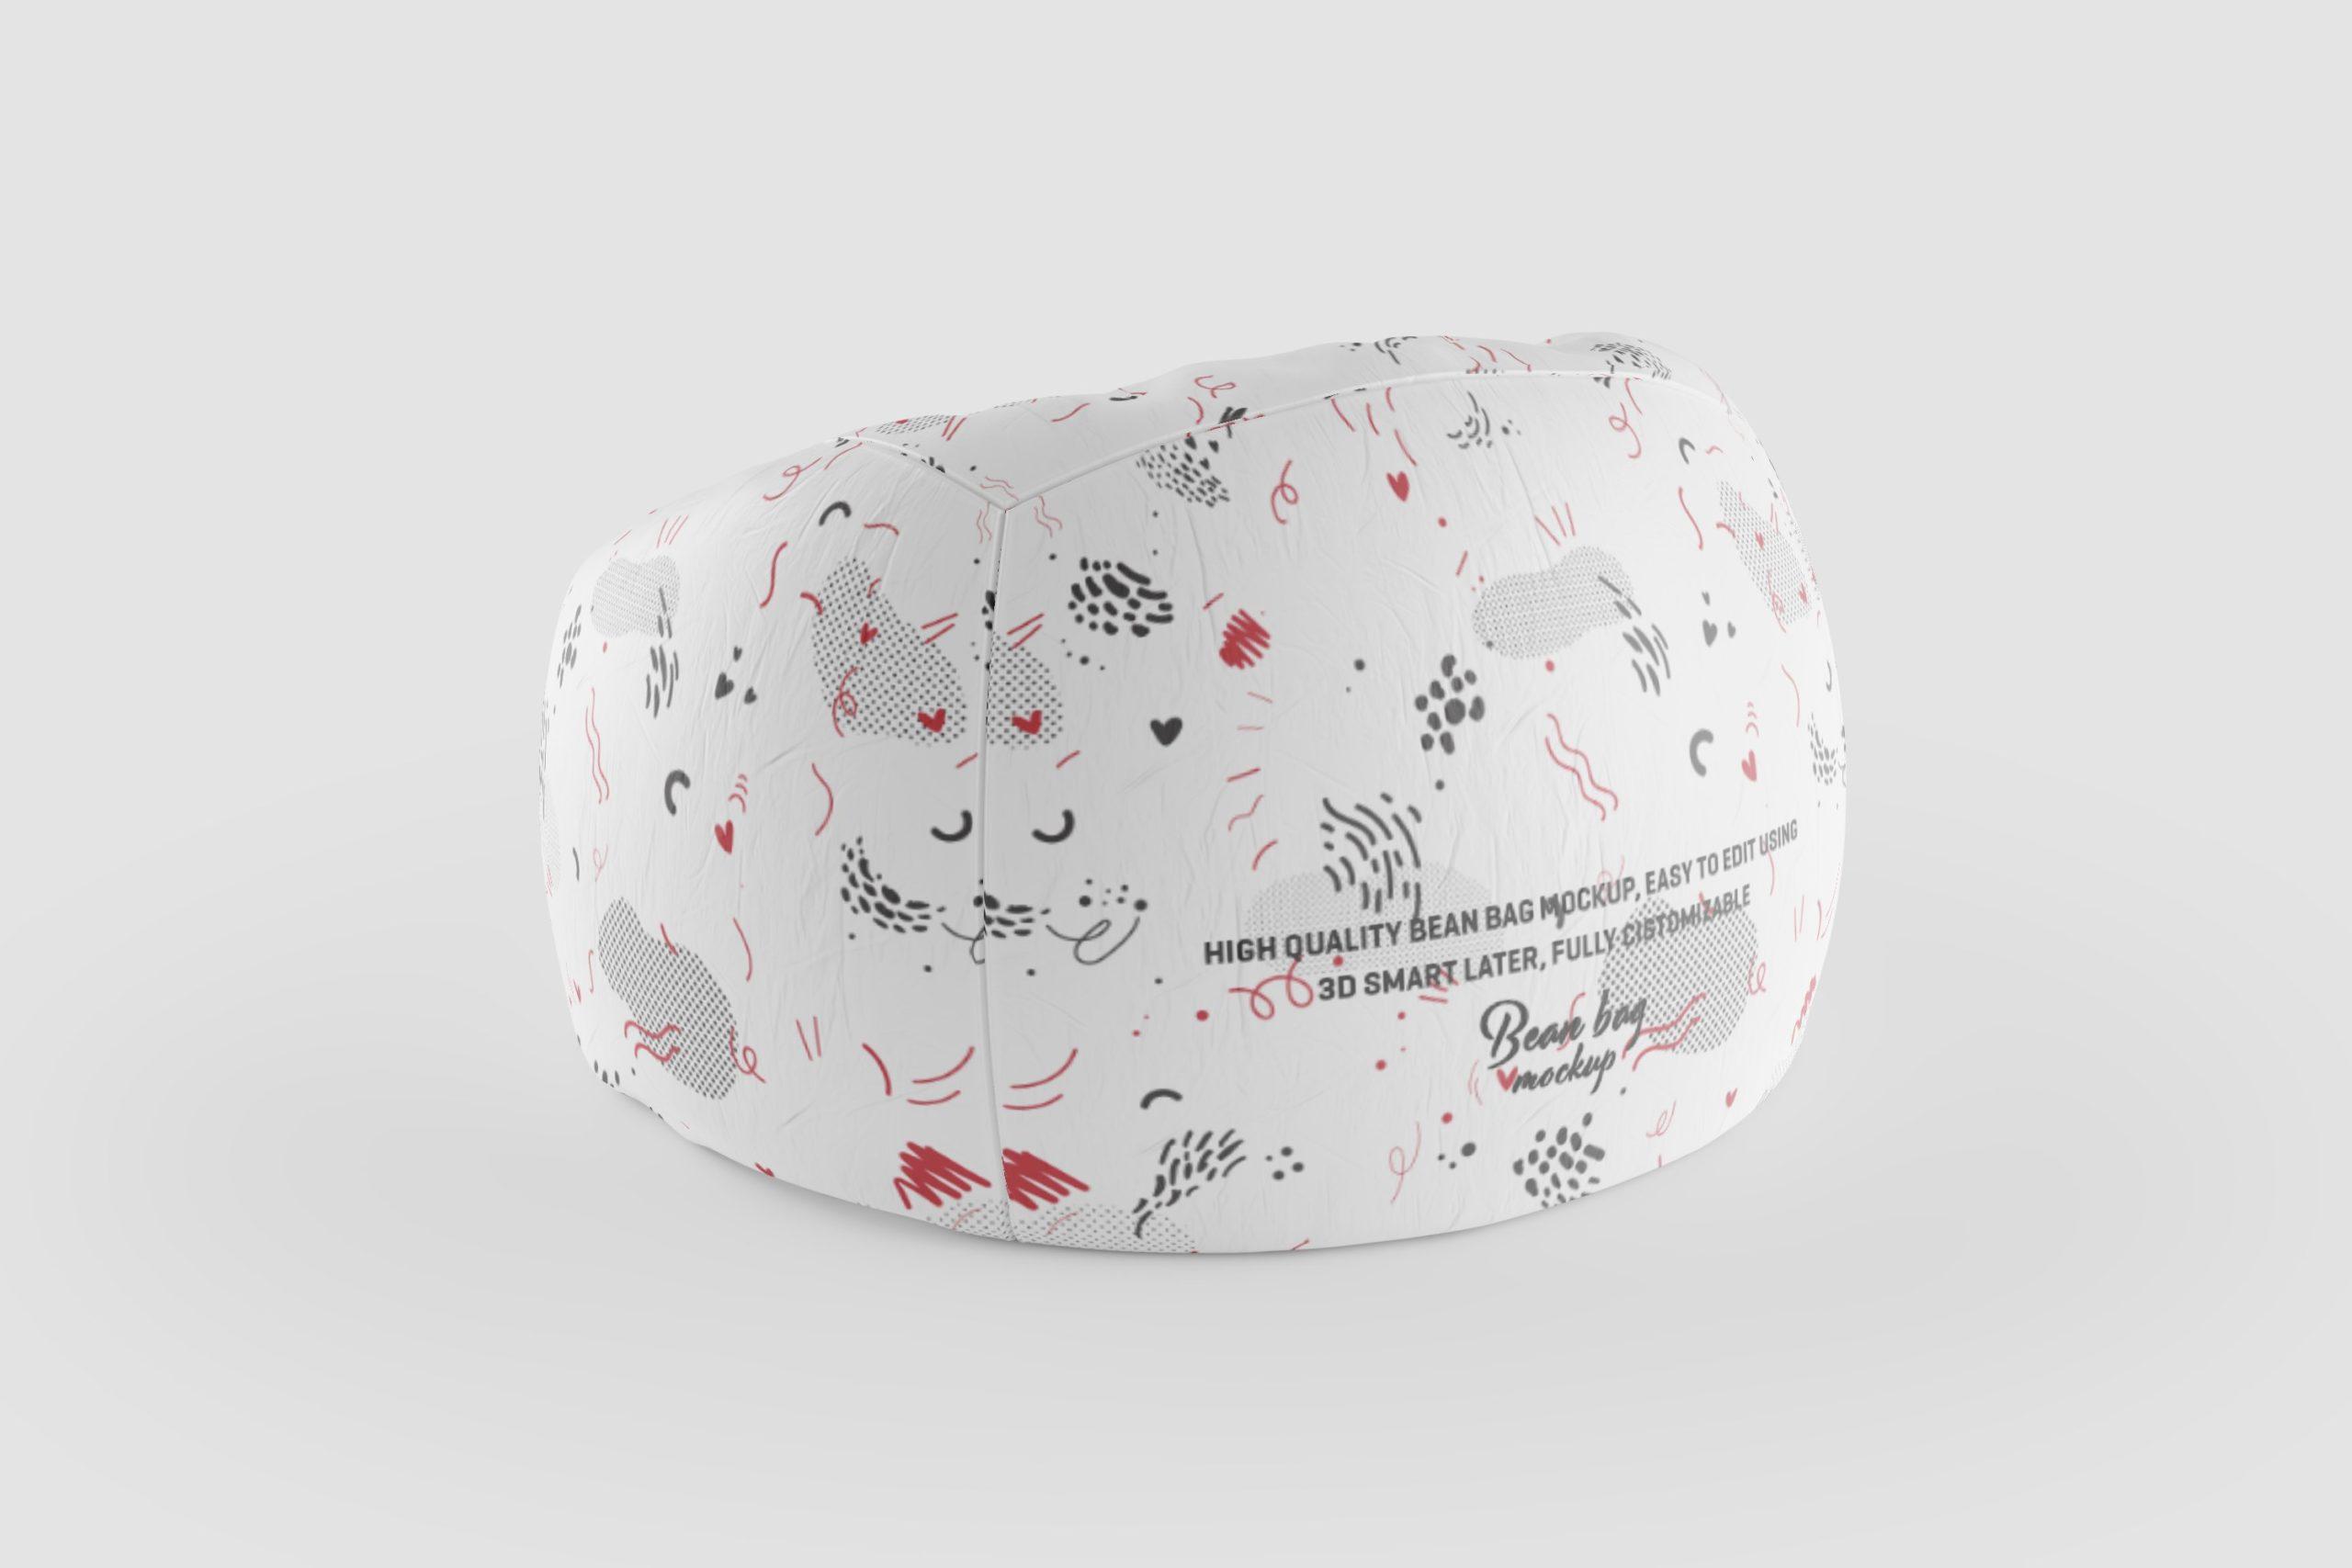 8款豆袋沙发椅子布料印花图案设计展示3D模型样机 Bean Bag 3D Mockup插图6